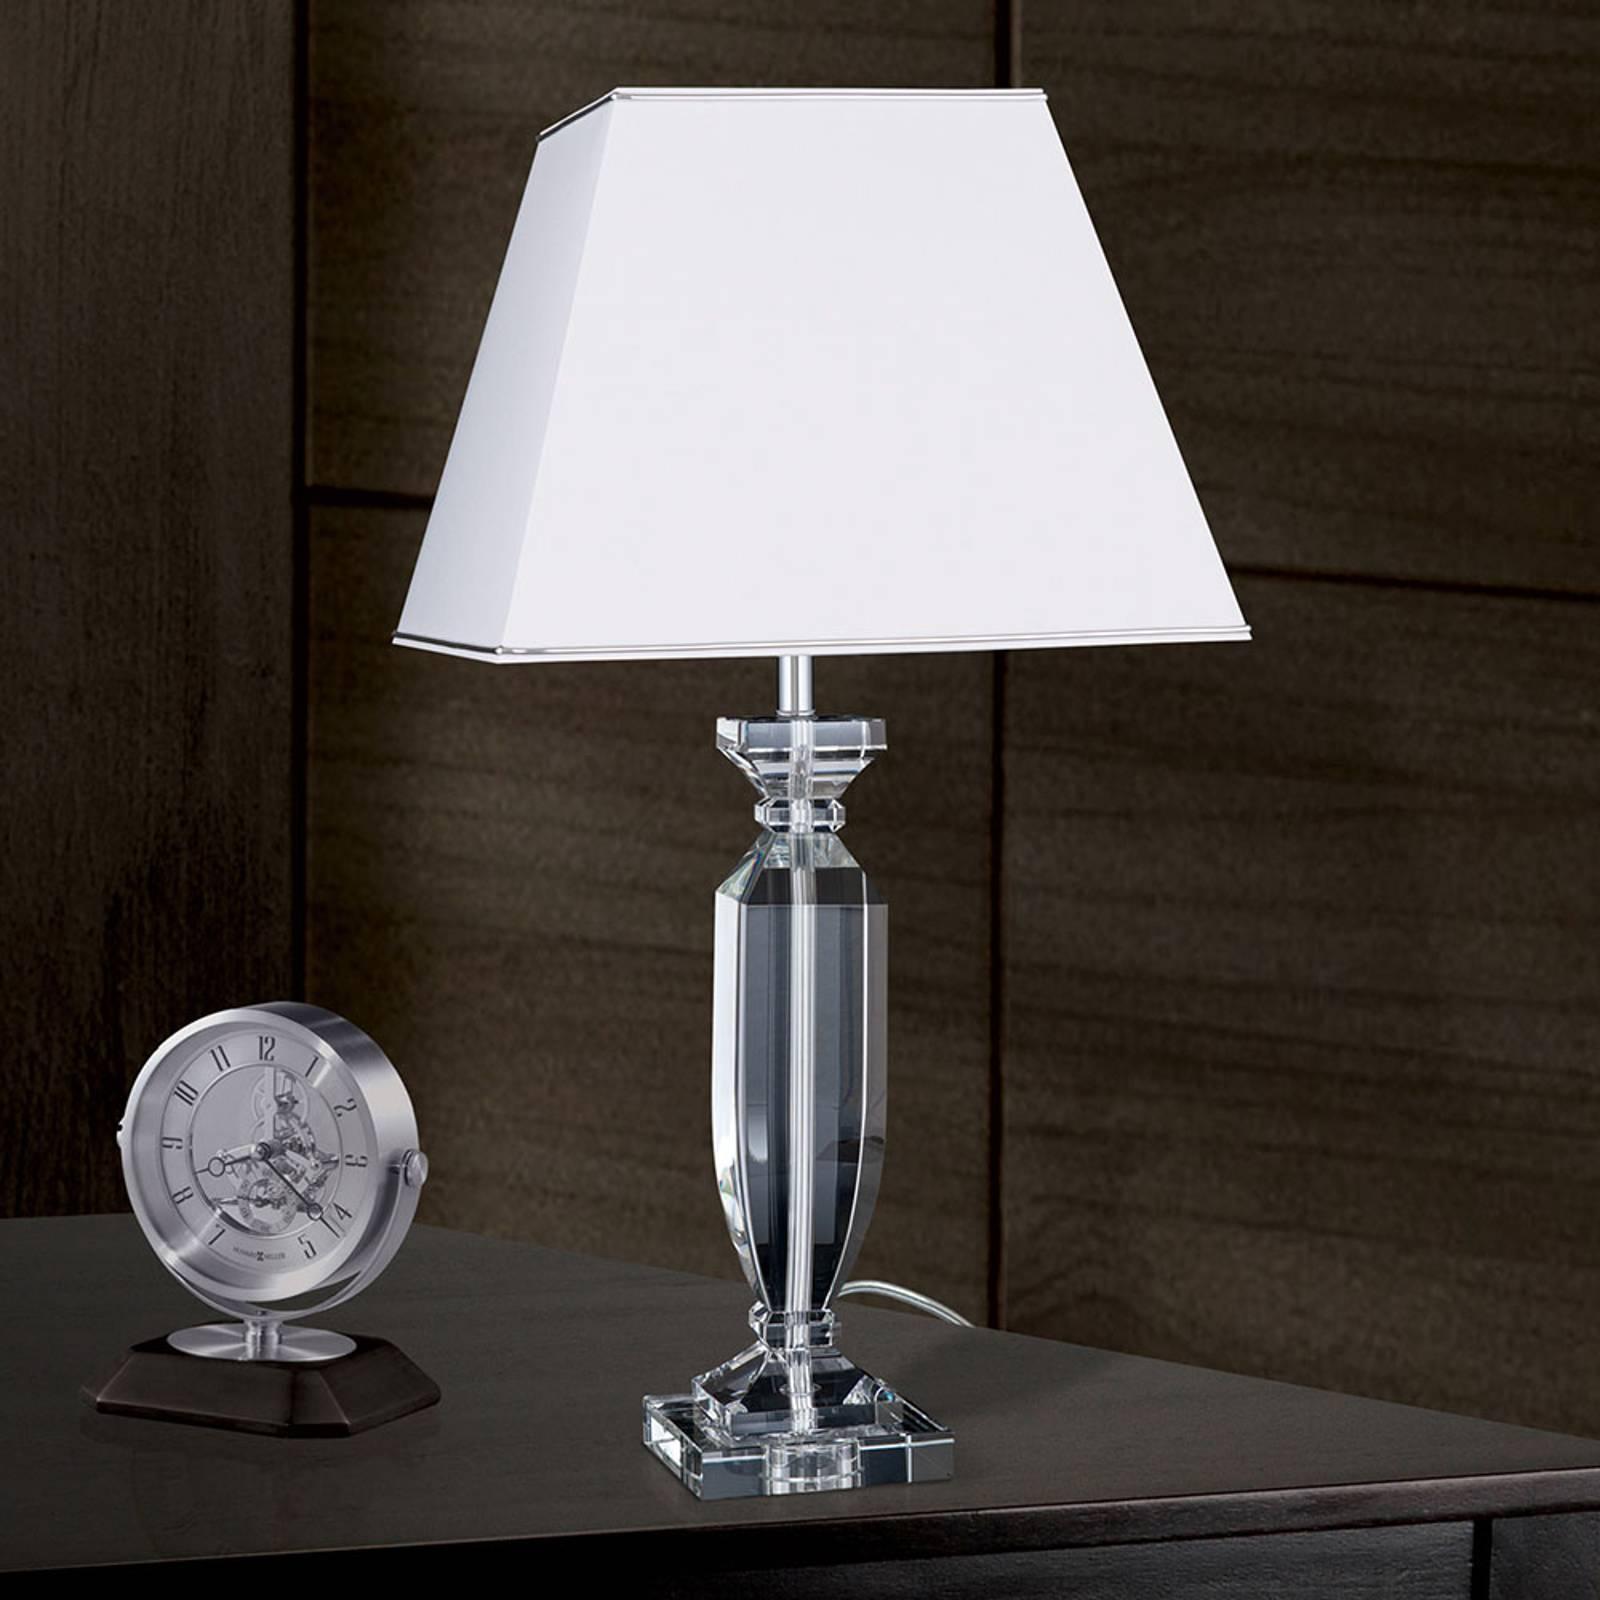 Tischleuchte Pokal mit Kristall chrom/weiß